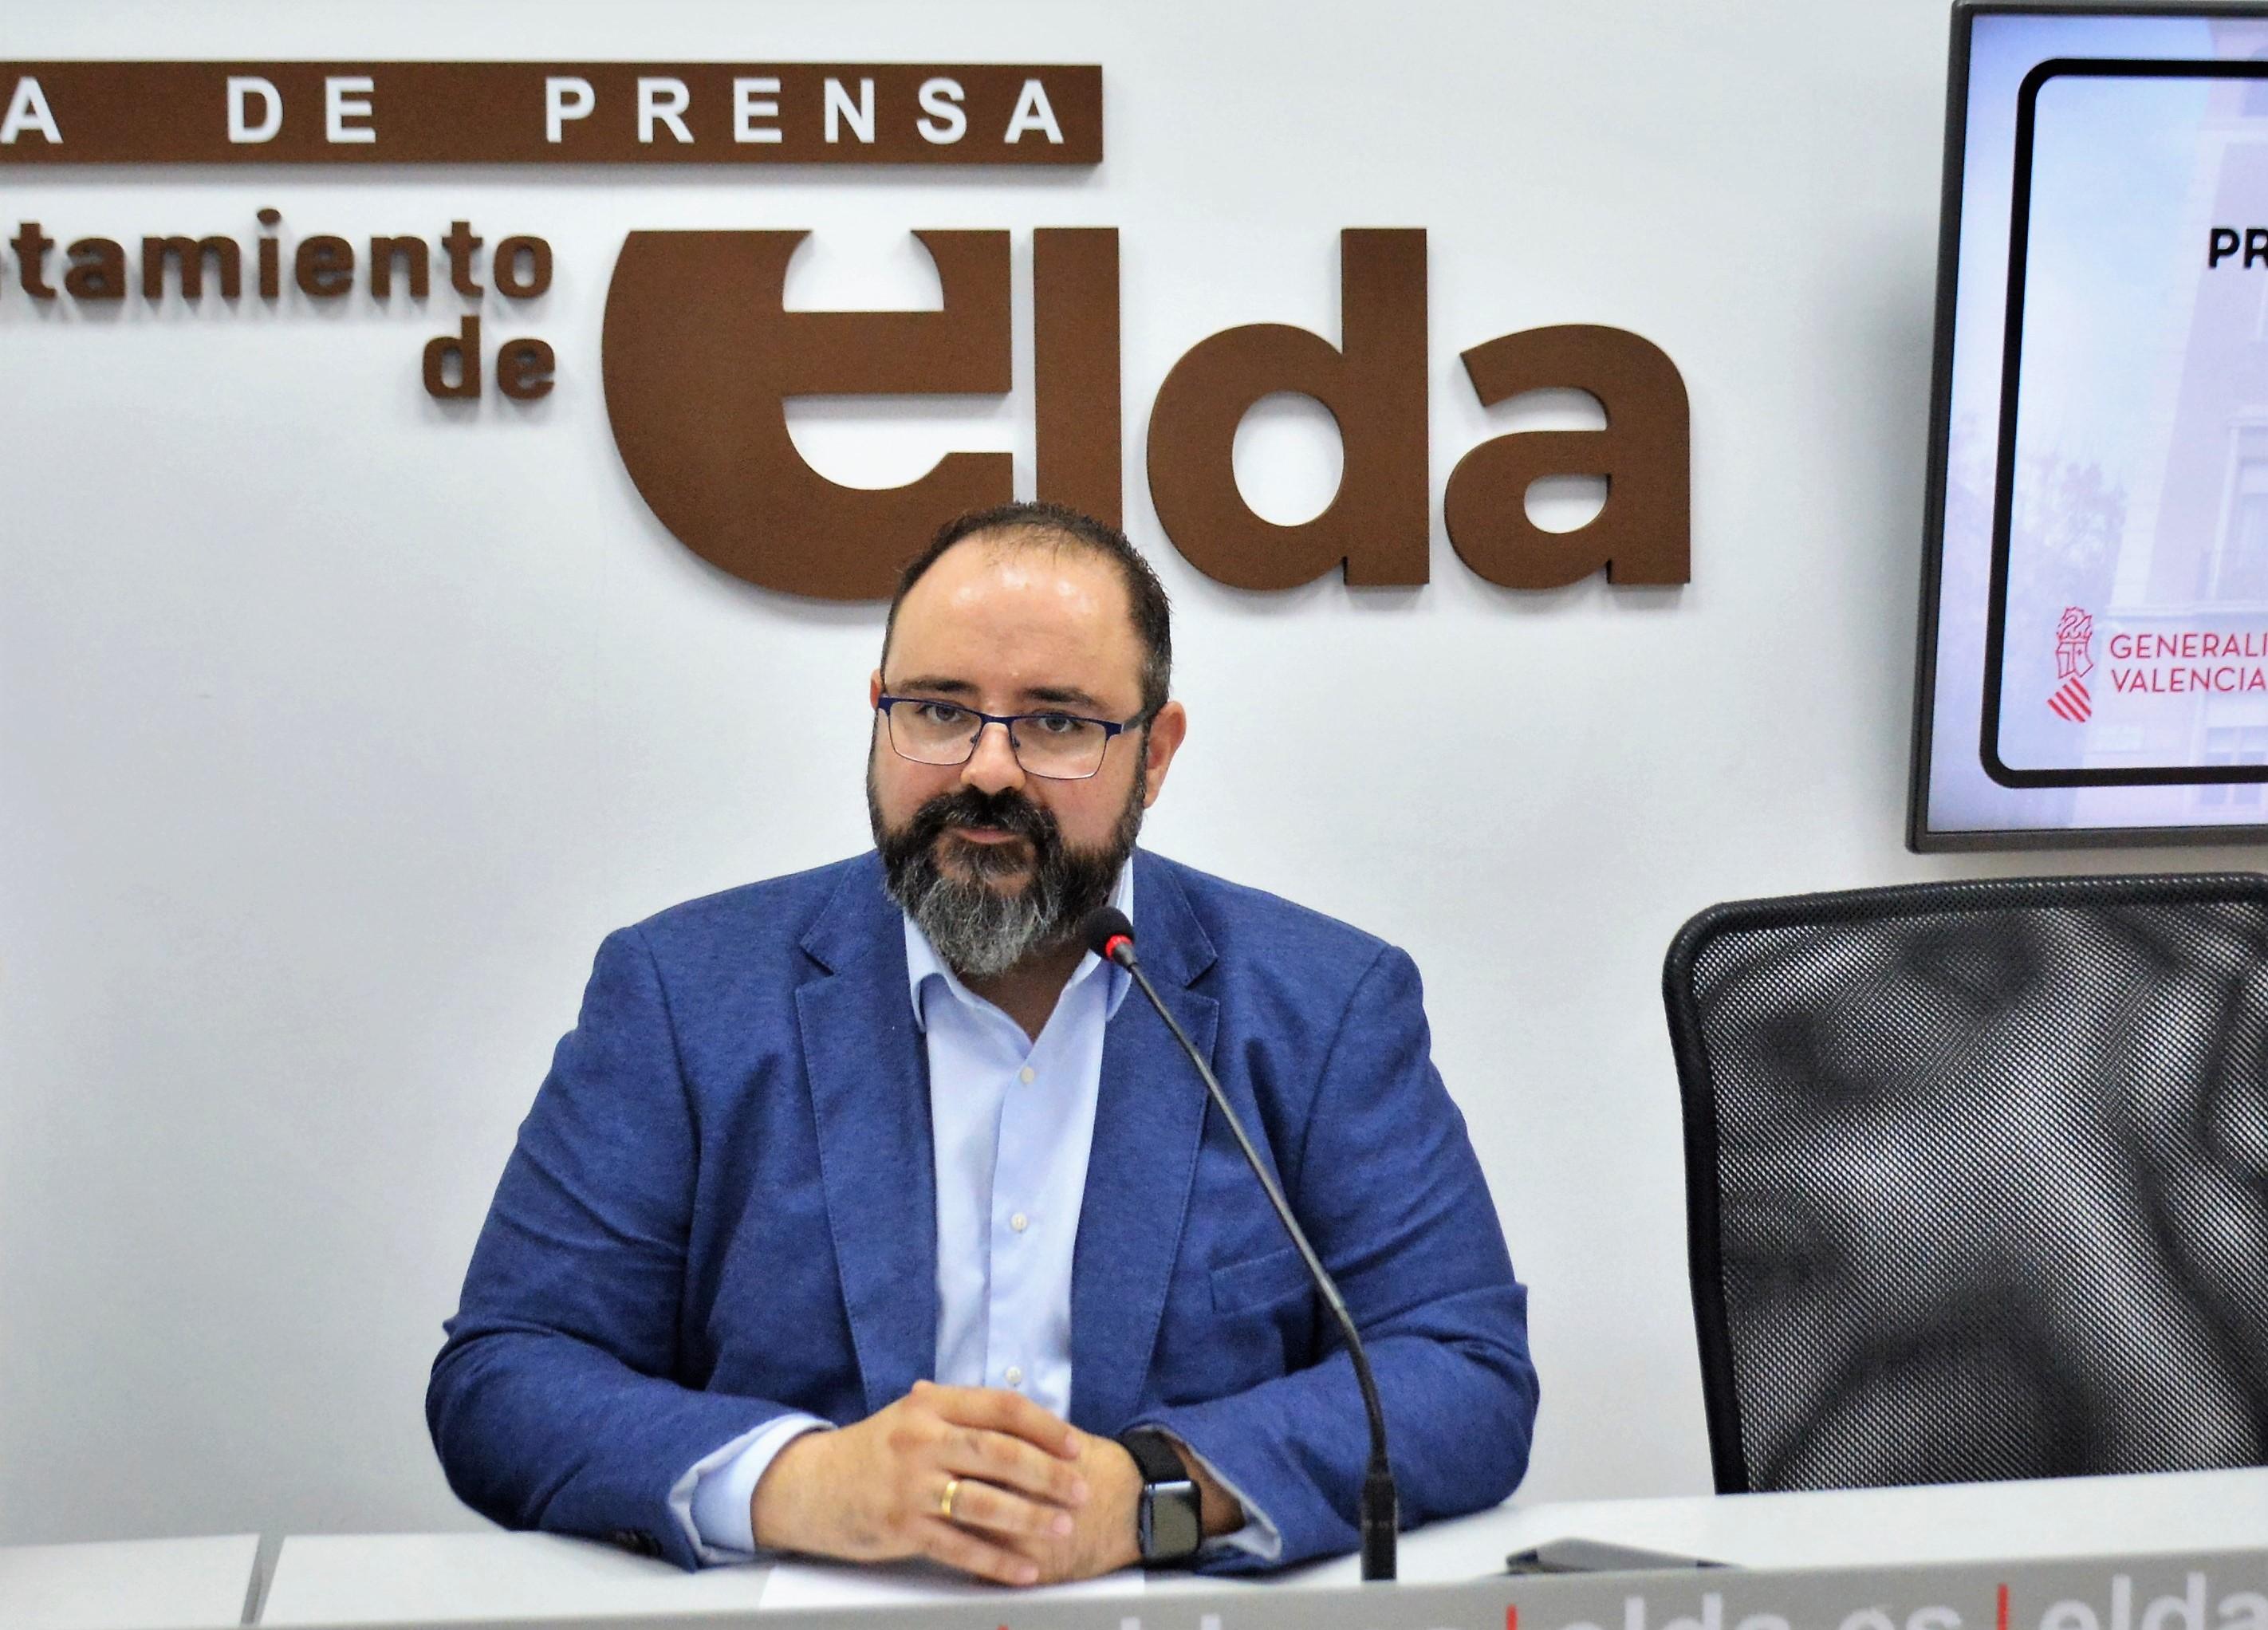 Más de 1.100 personas se han inscrito a la oposición para cubrir 16 plazas de auxiliar administrativo en el Ayuntamiento de  Elda